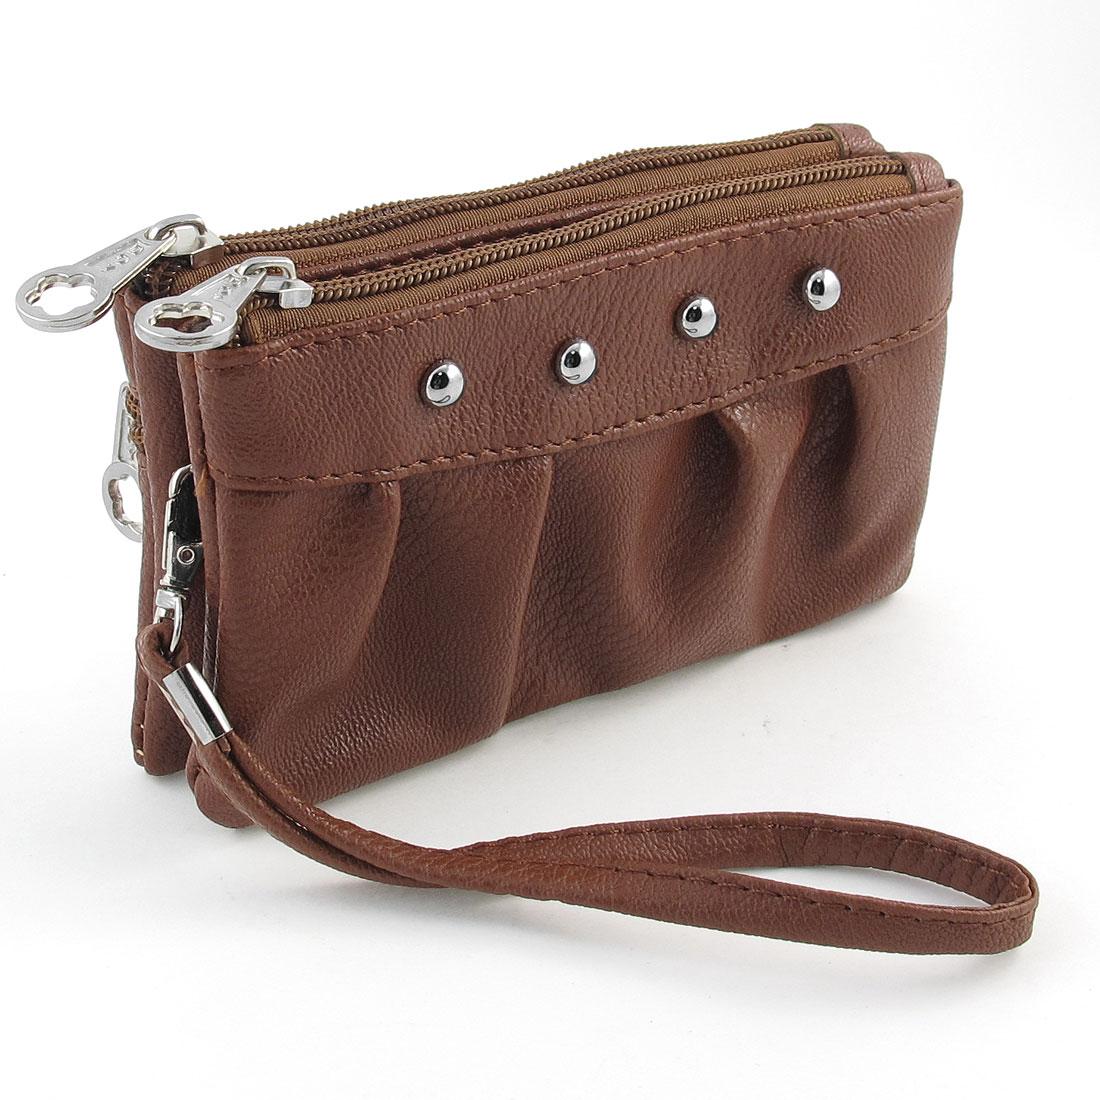 Laides Stud Pattern Faux Leather Zipper Closure Handbag Purse Brown